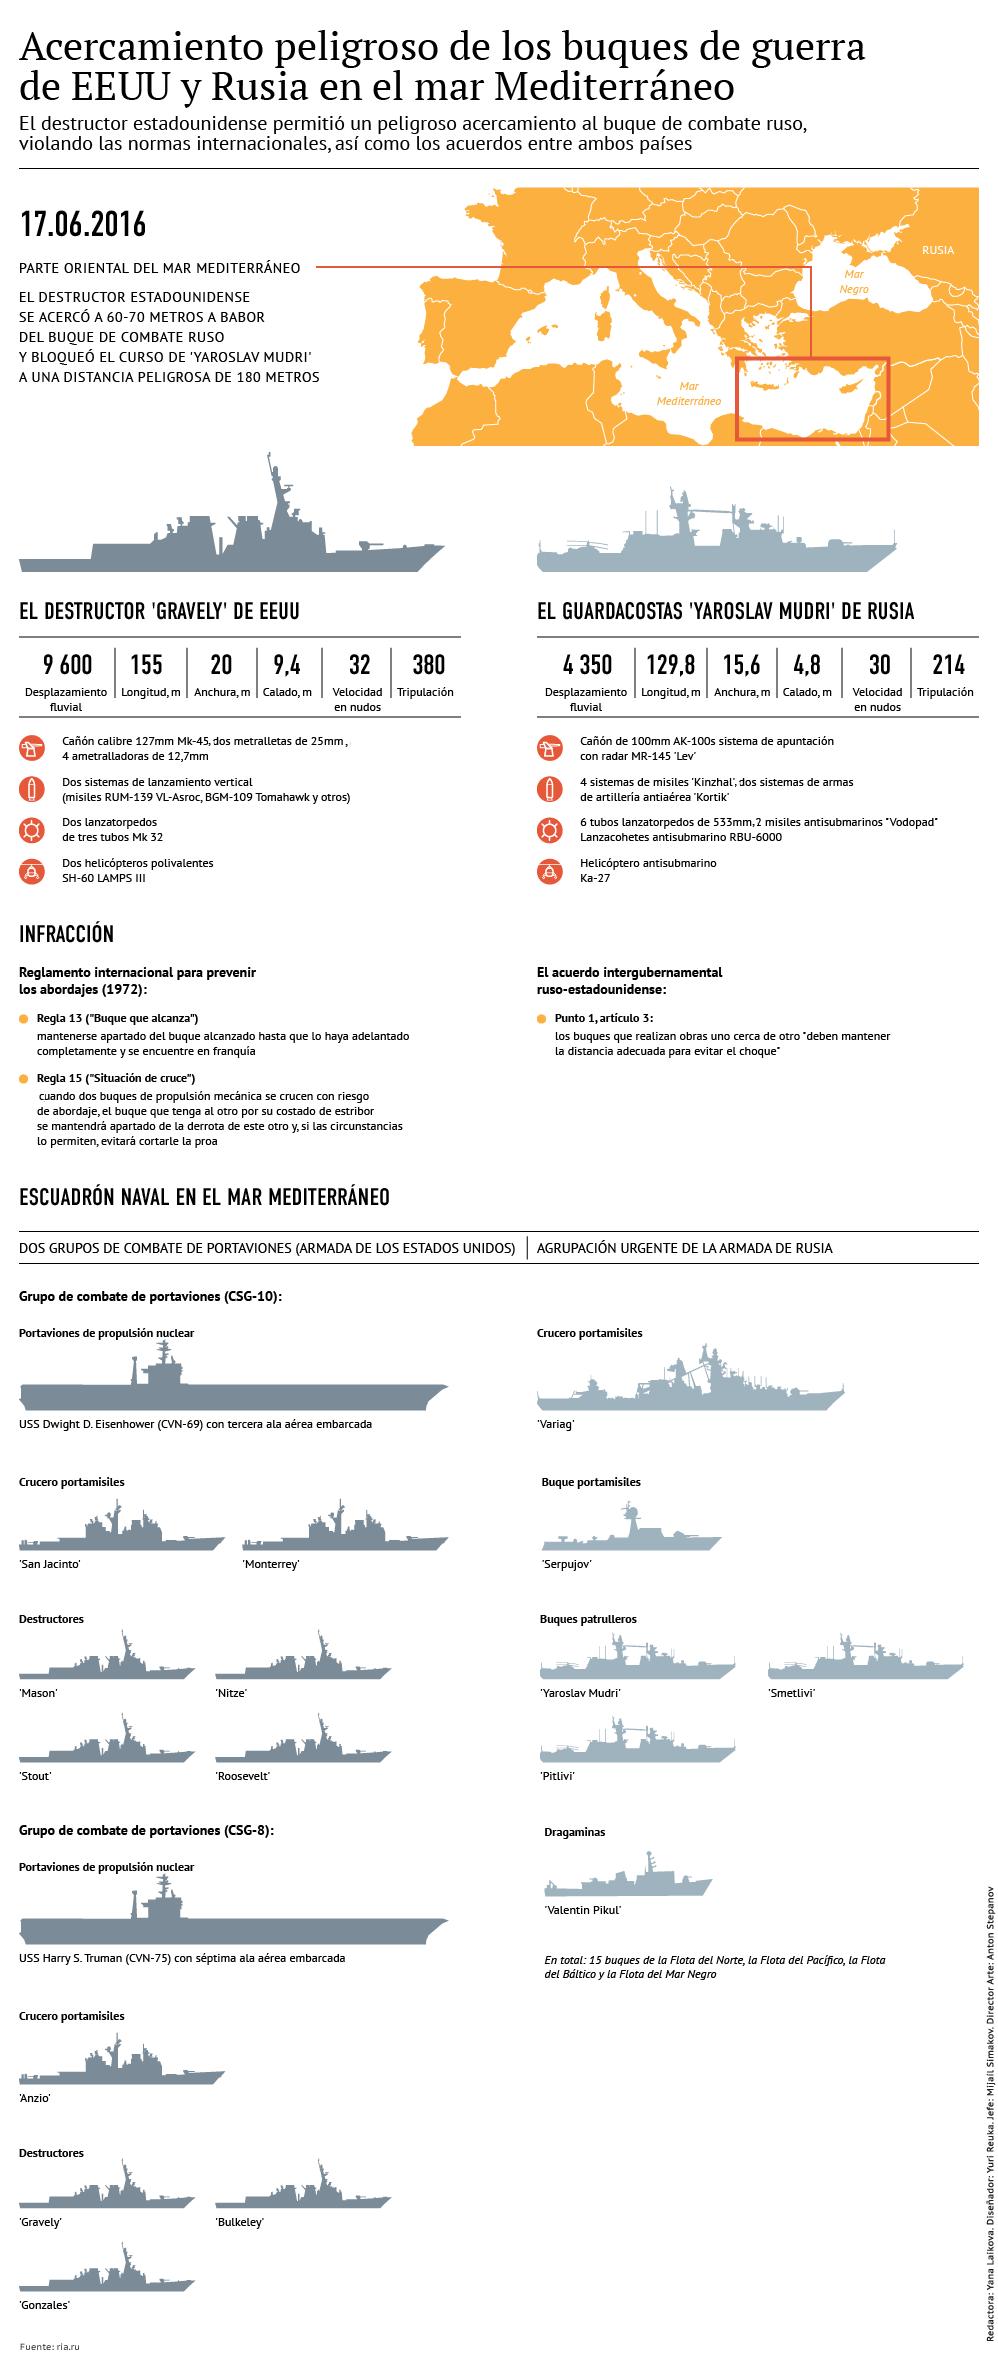 Acercamiento peligroso de los buques de guerra de Rusia y EEUU - Sputnik Mundo